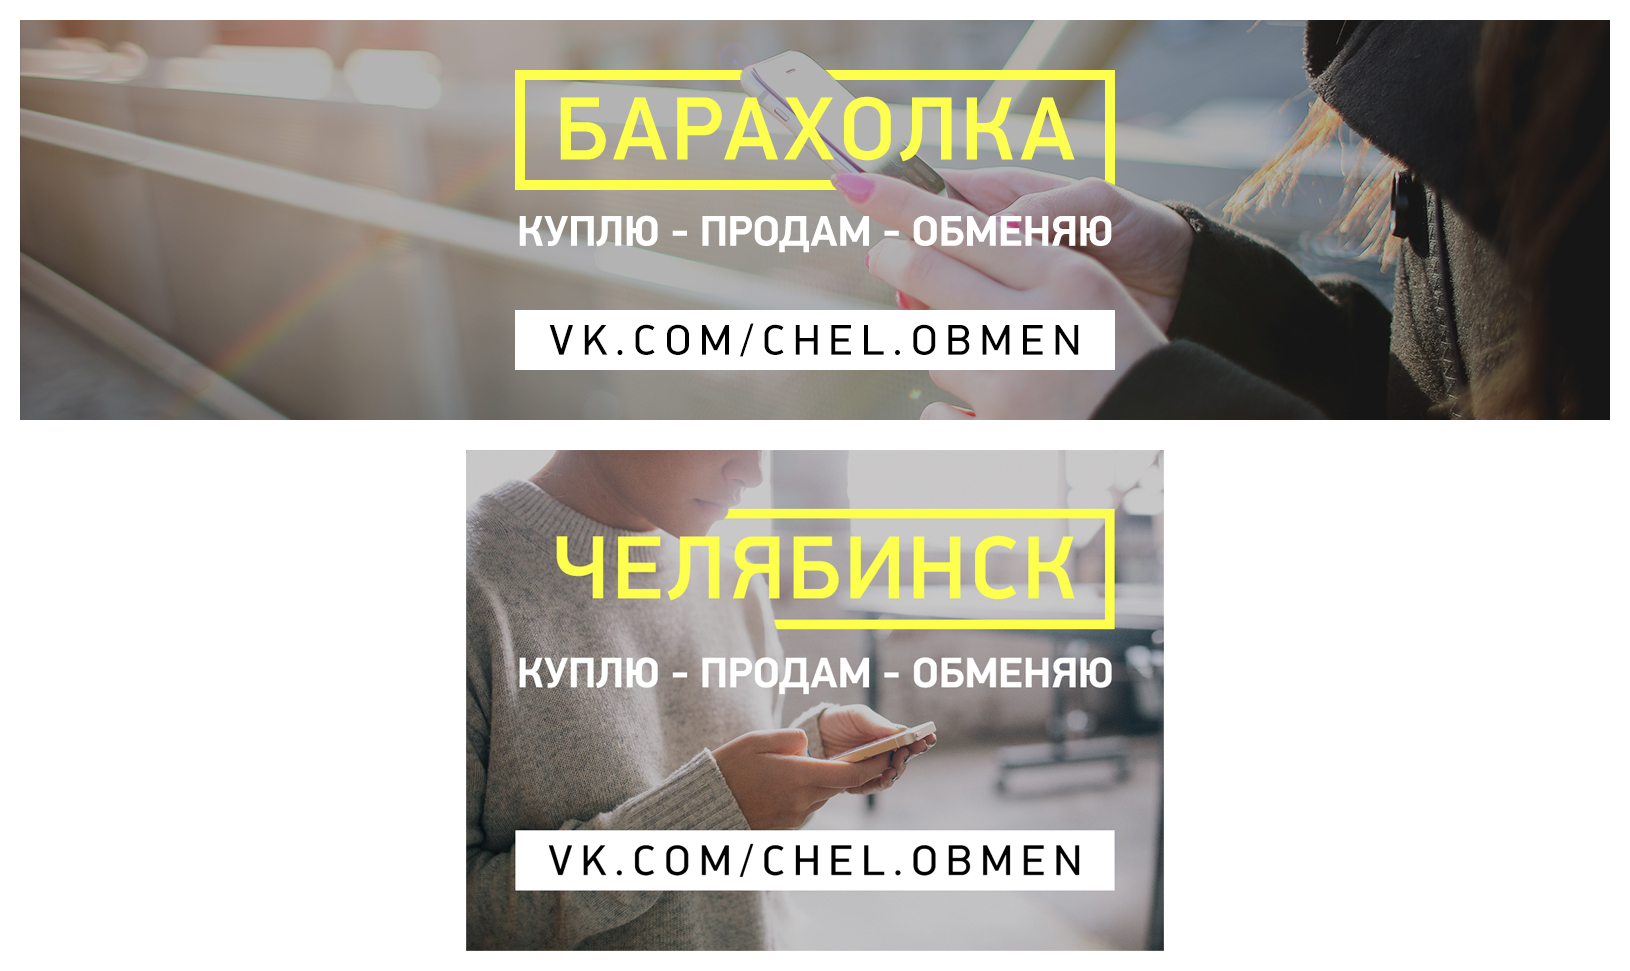 Обложка VK и пост